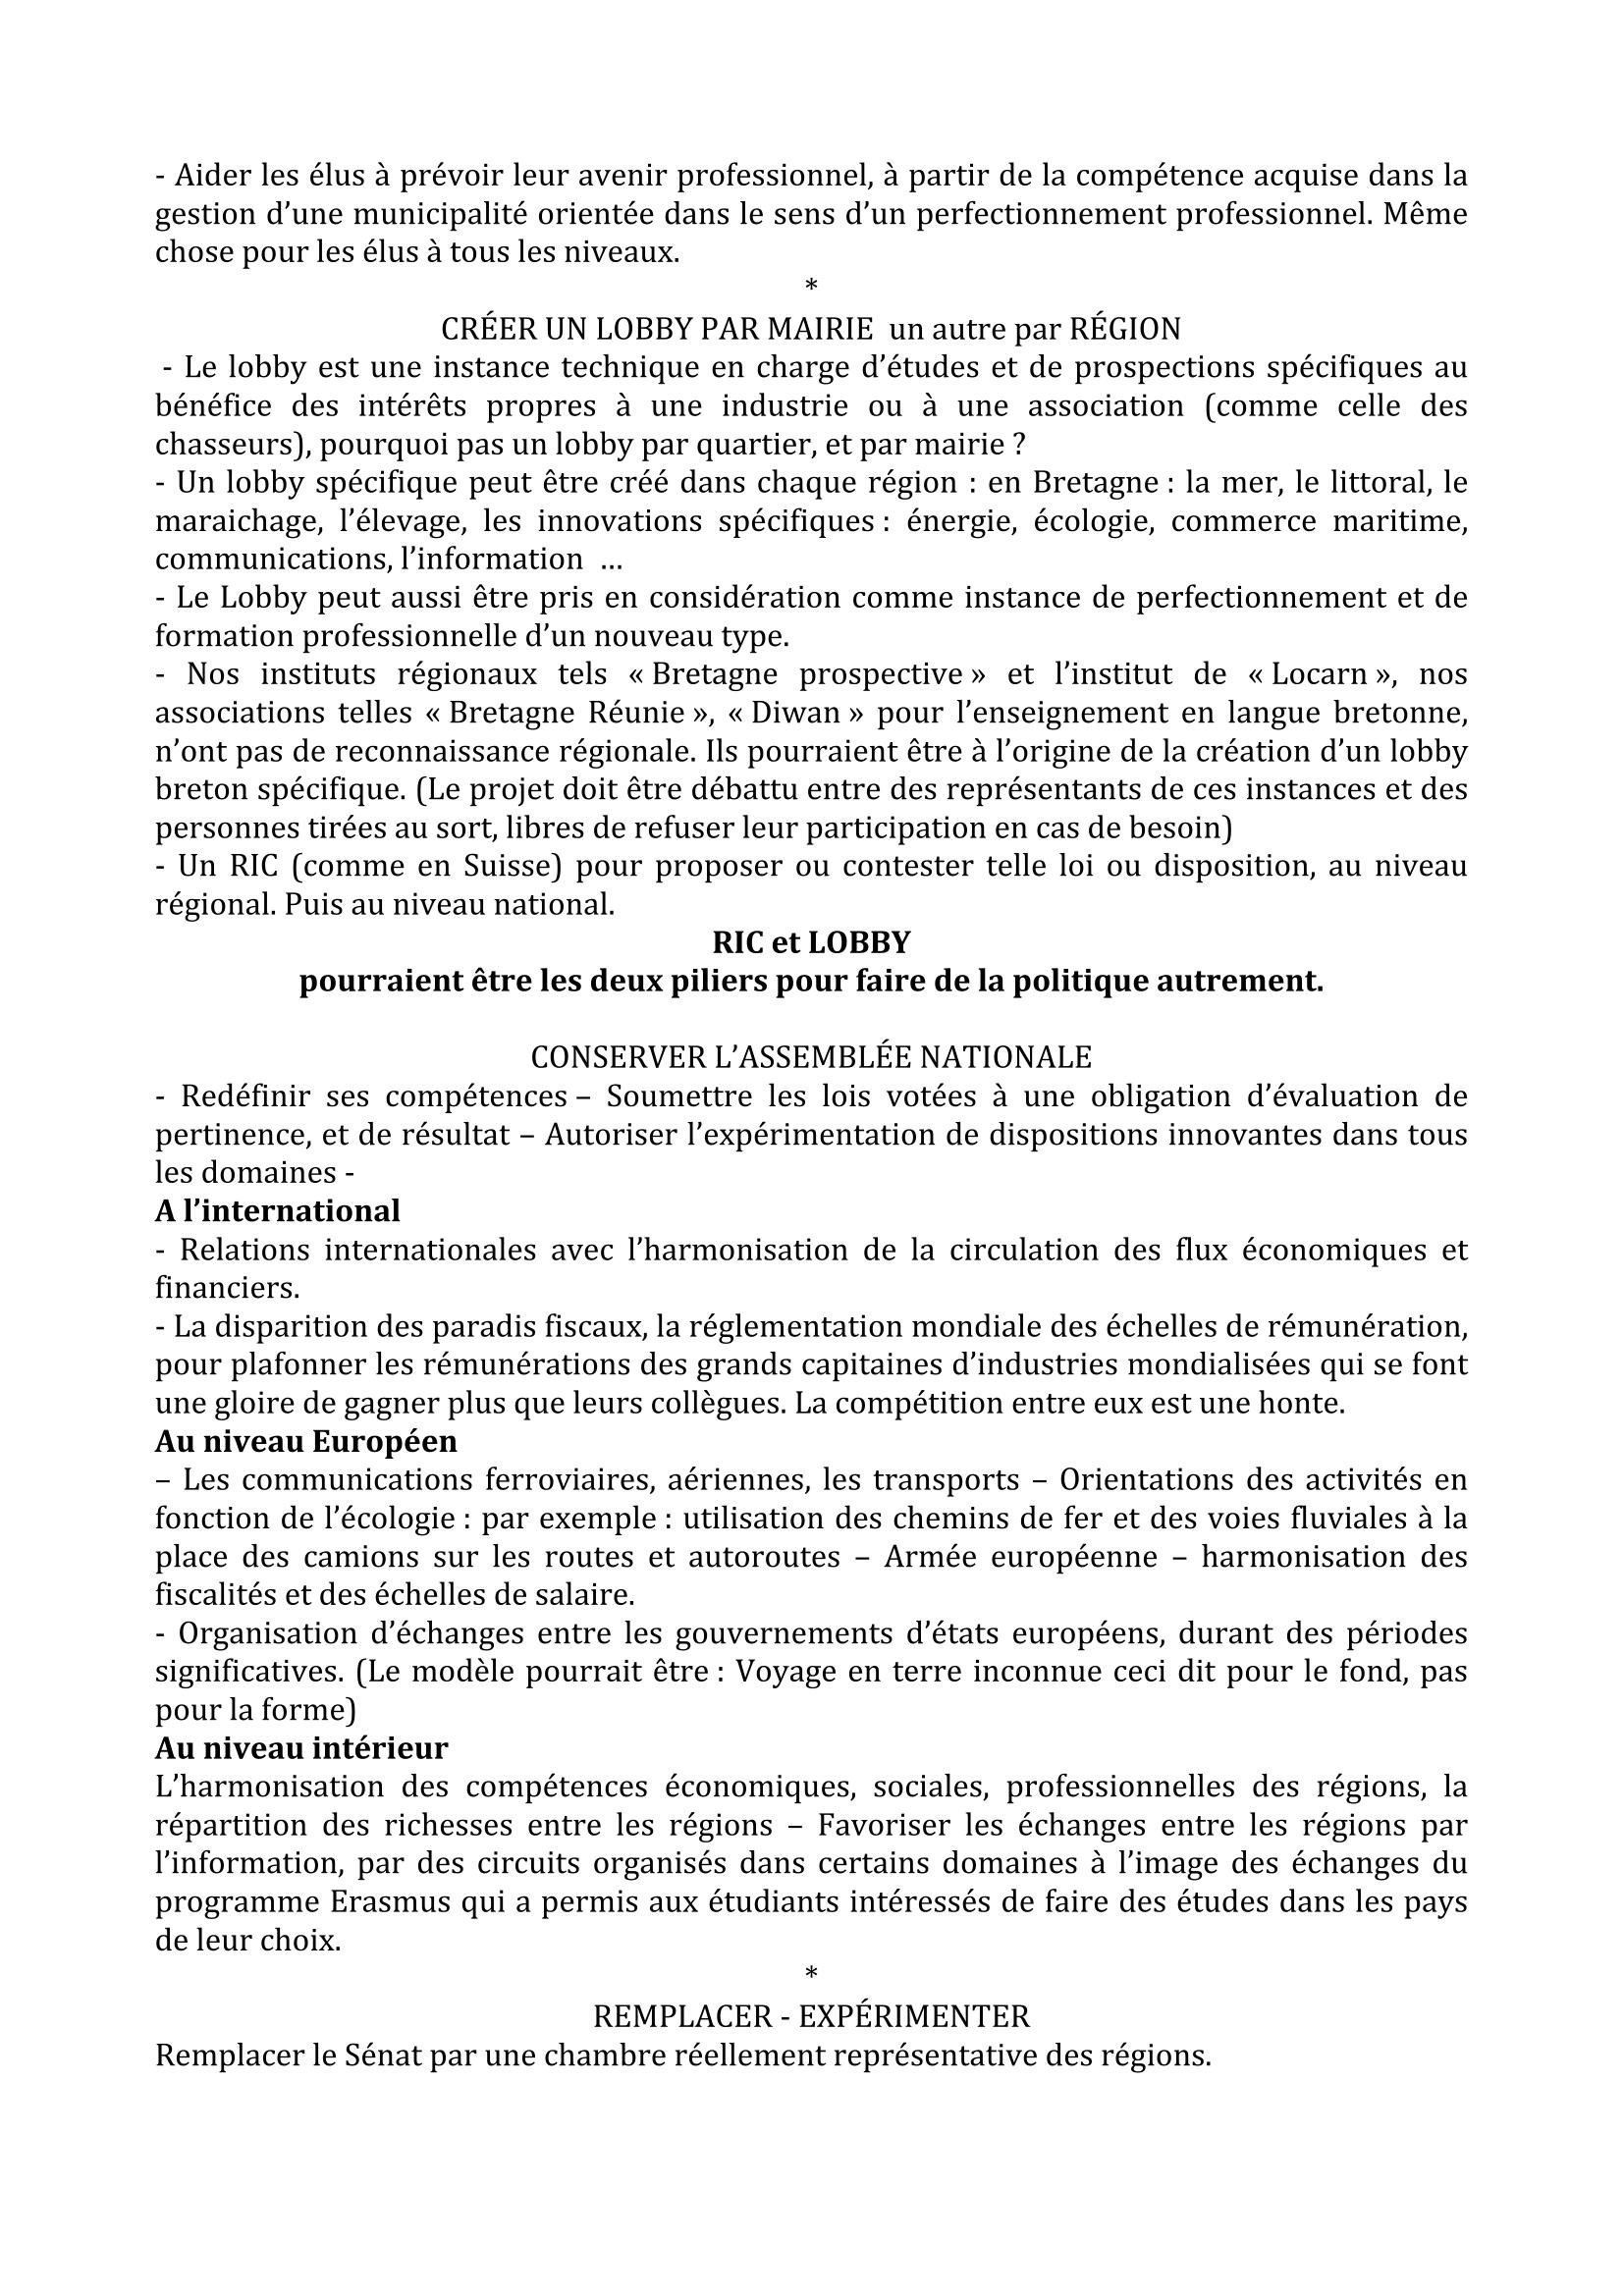 GJ(CT)-E.Macron (1)-2.png